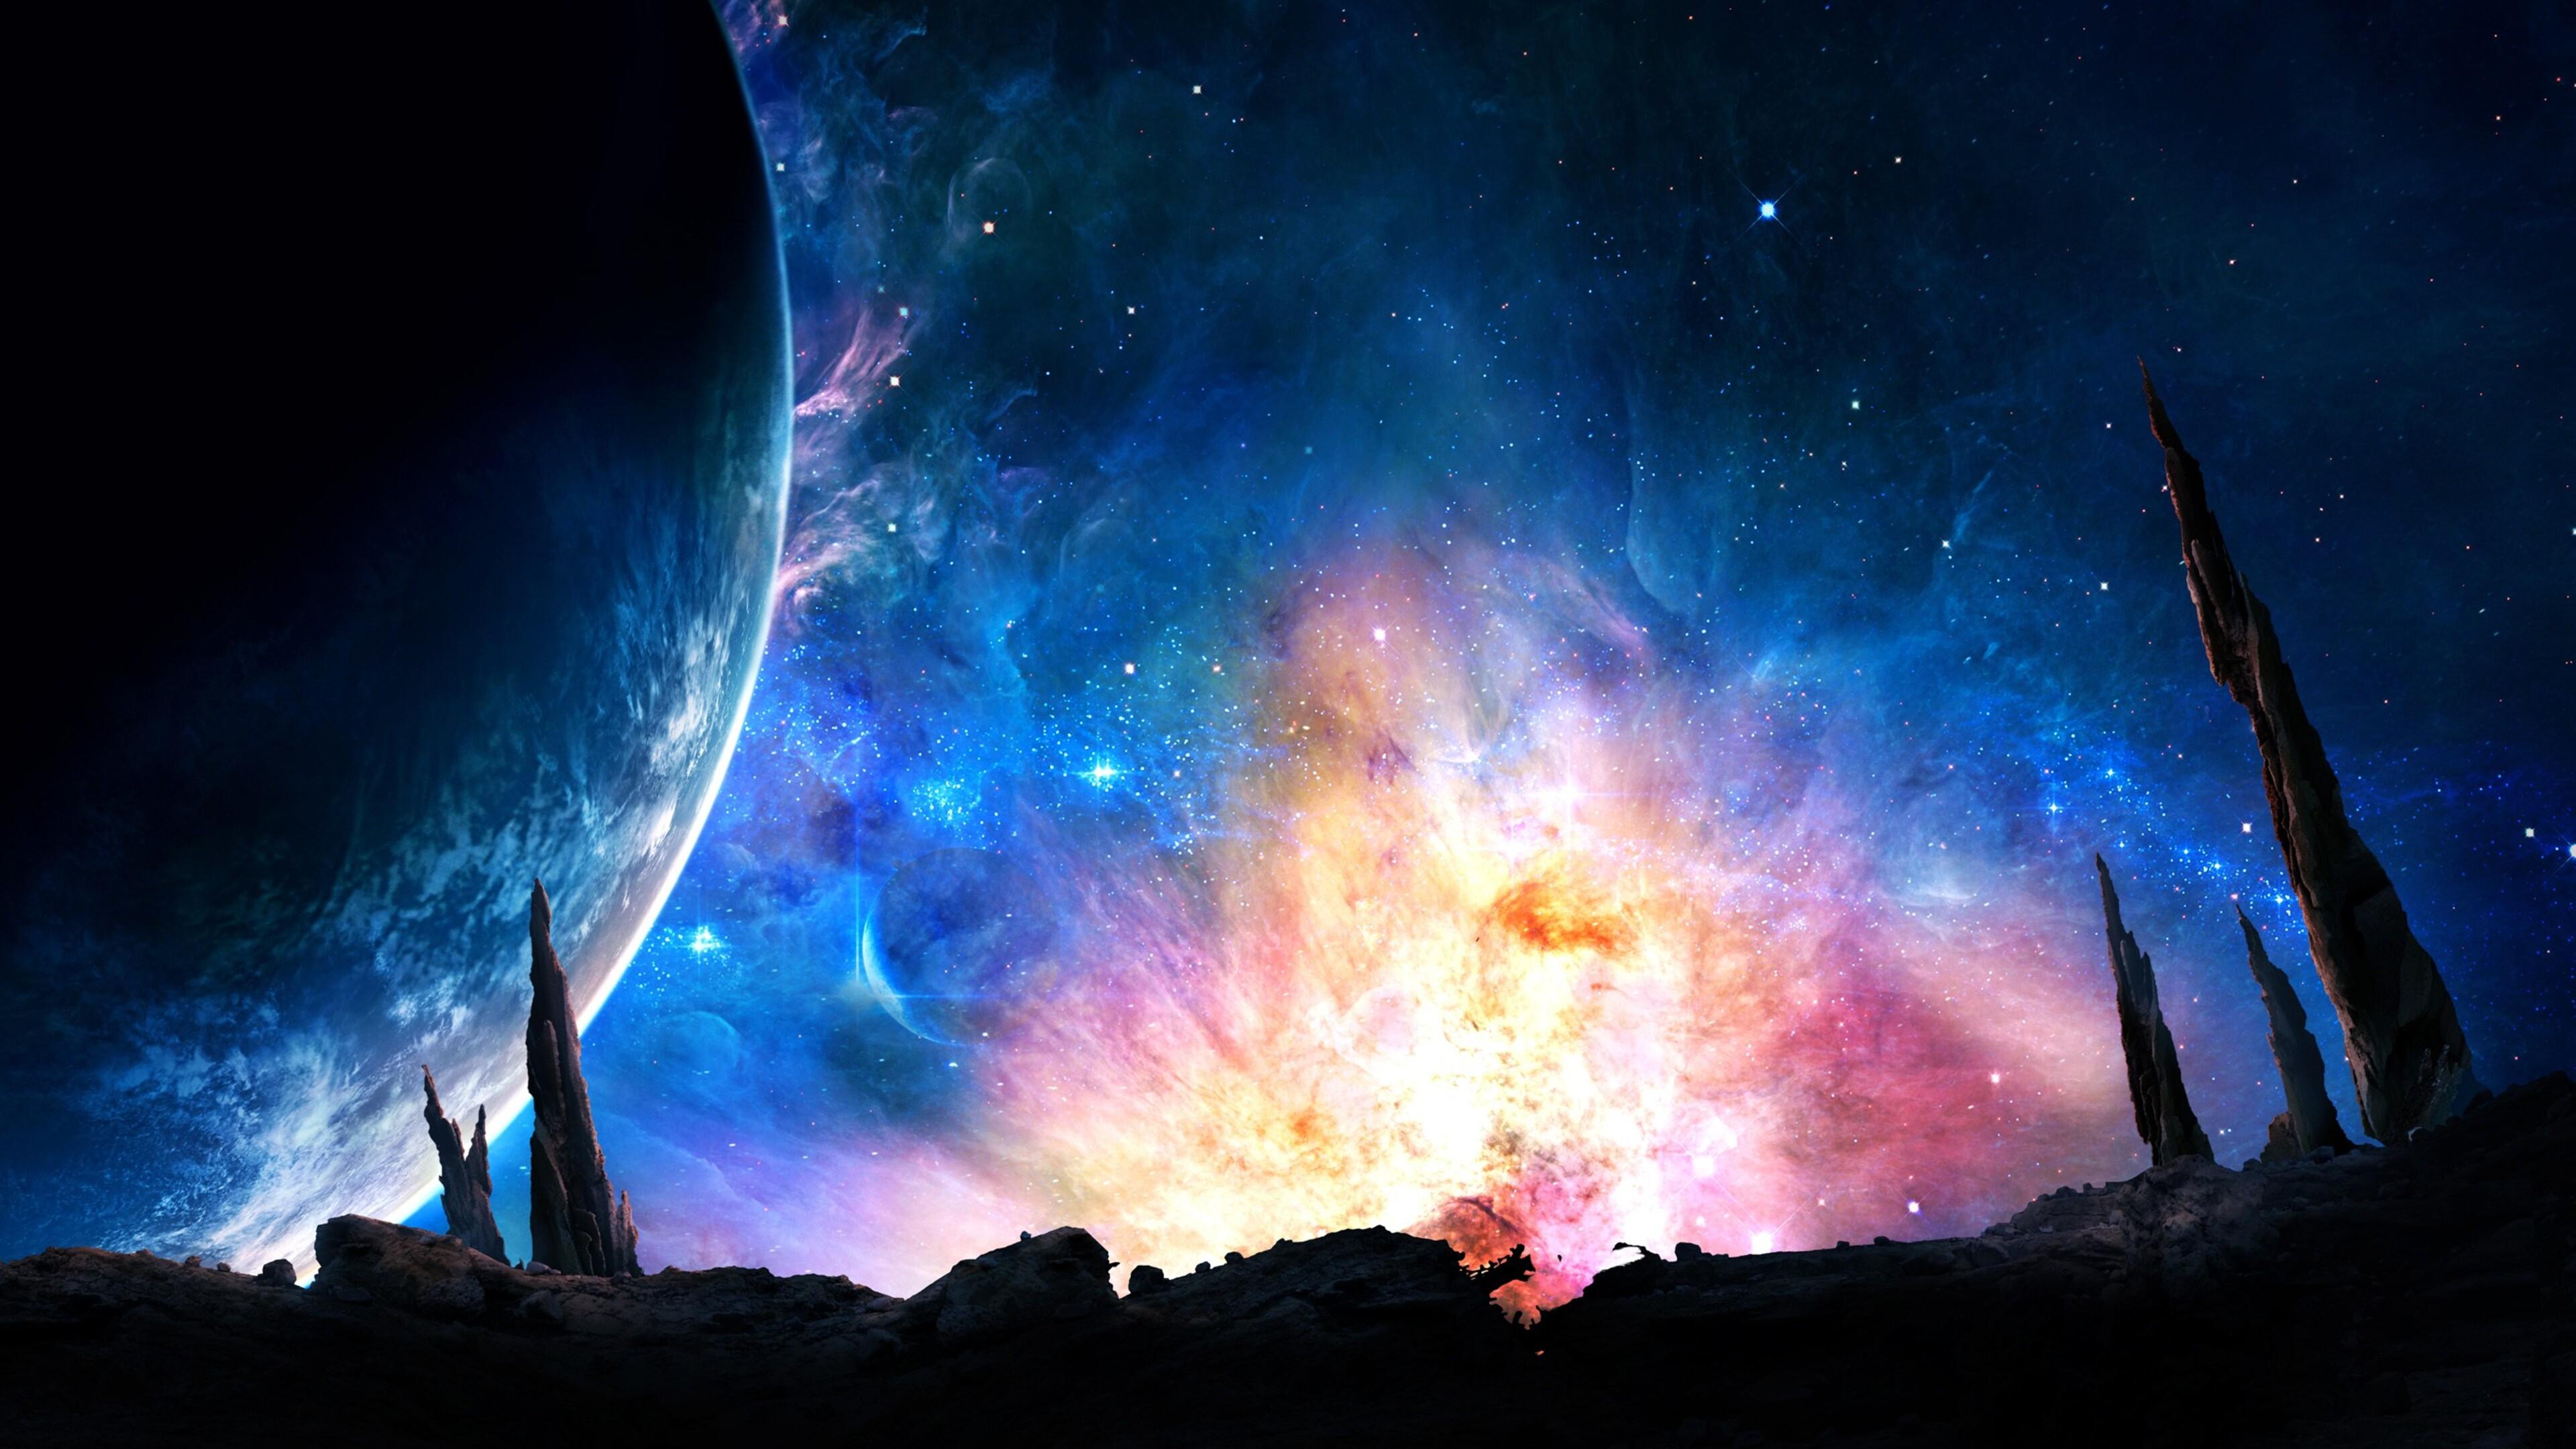 3840x2160 Galaxy Digital Universe 4k HD 4k Wallpapers ...